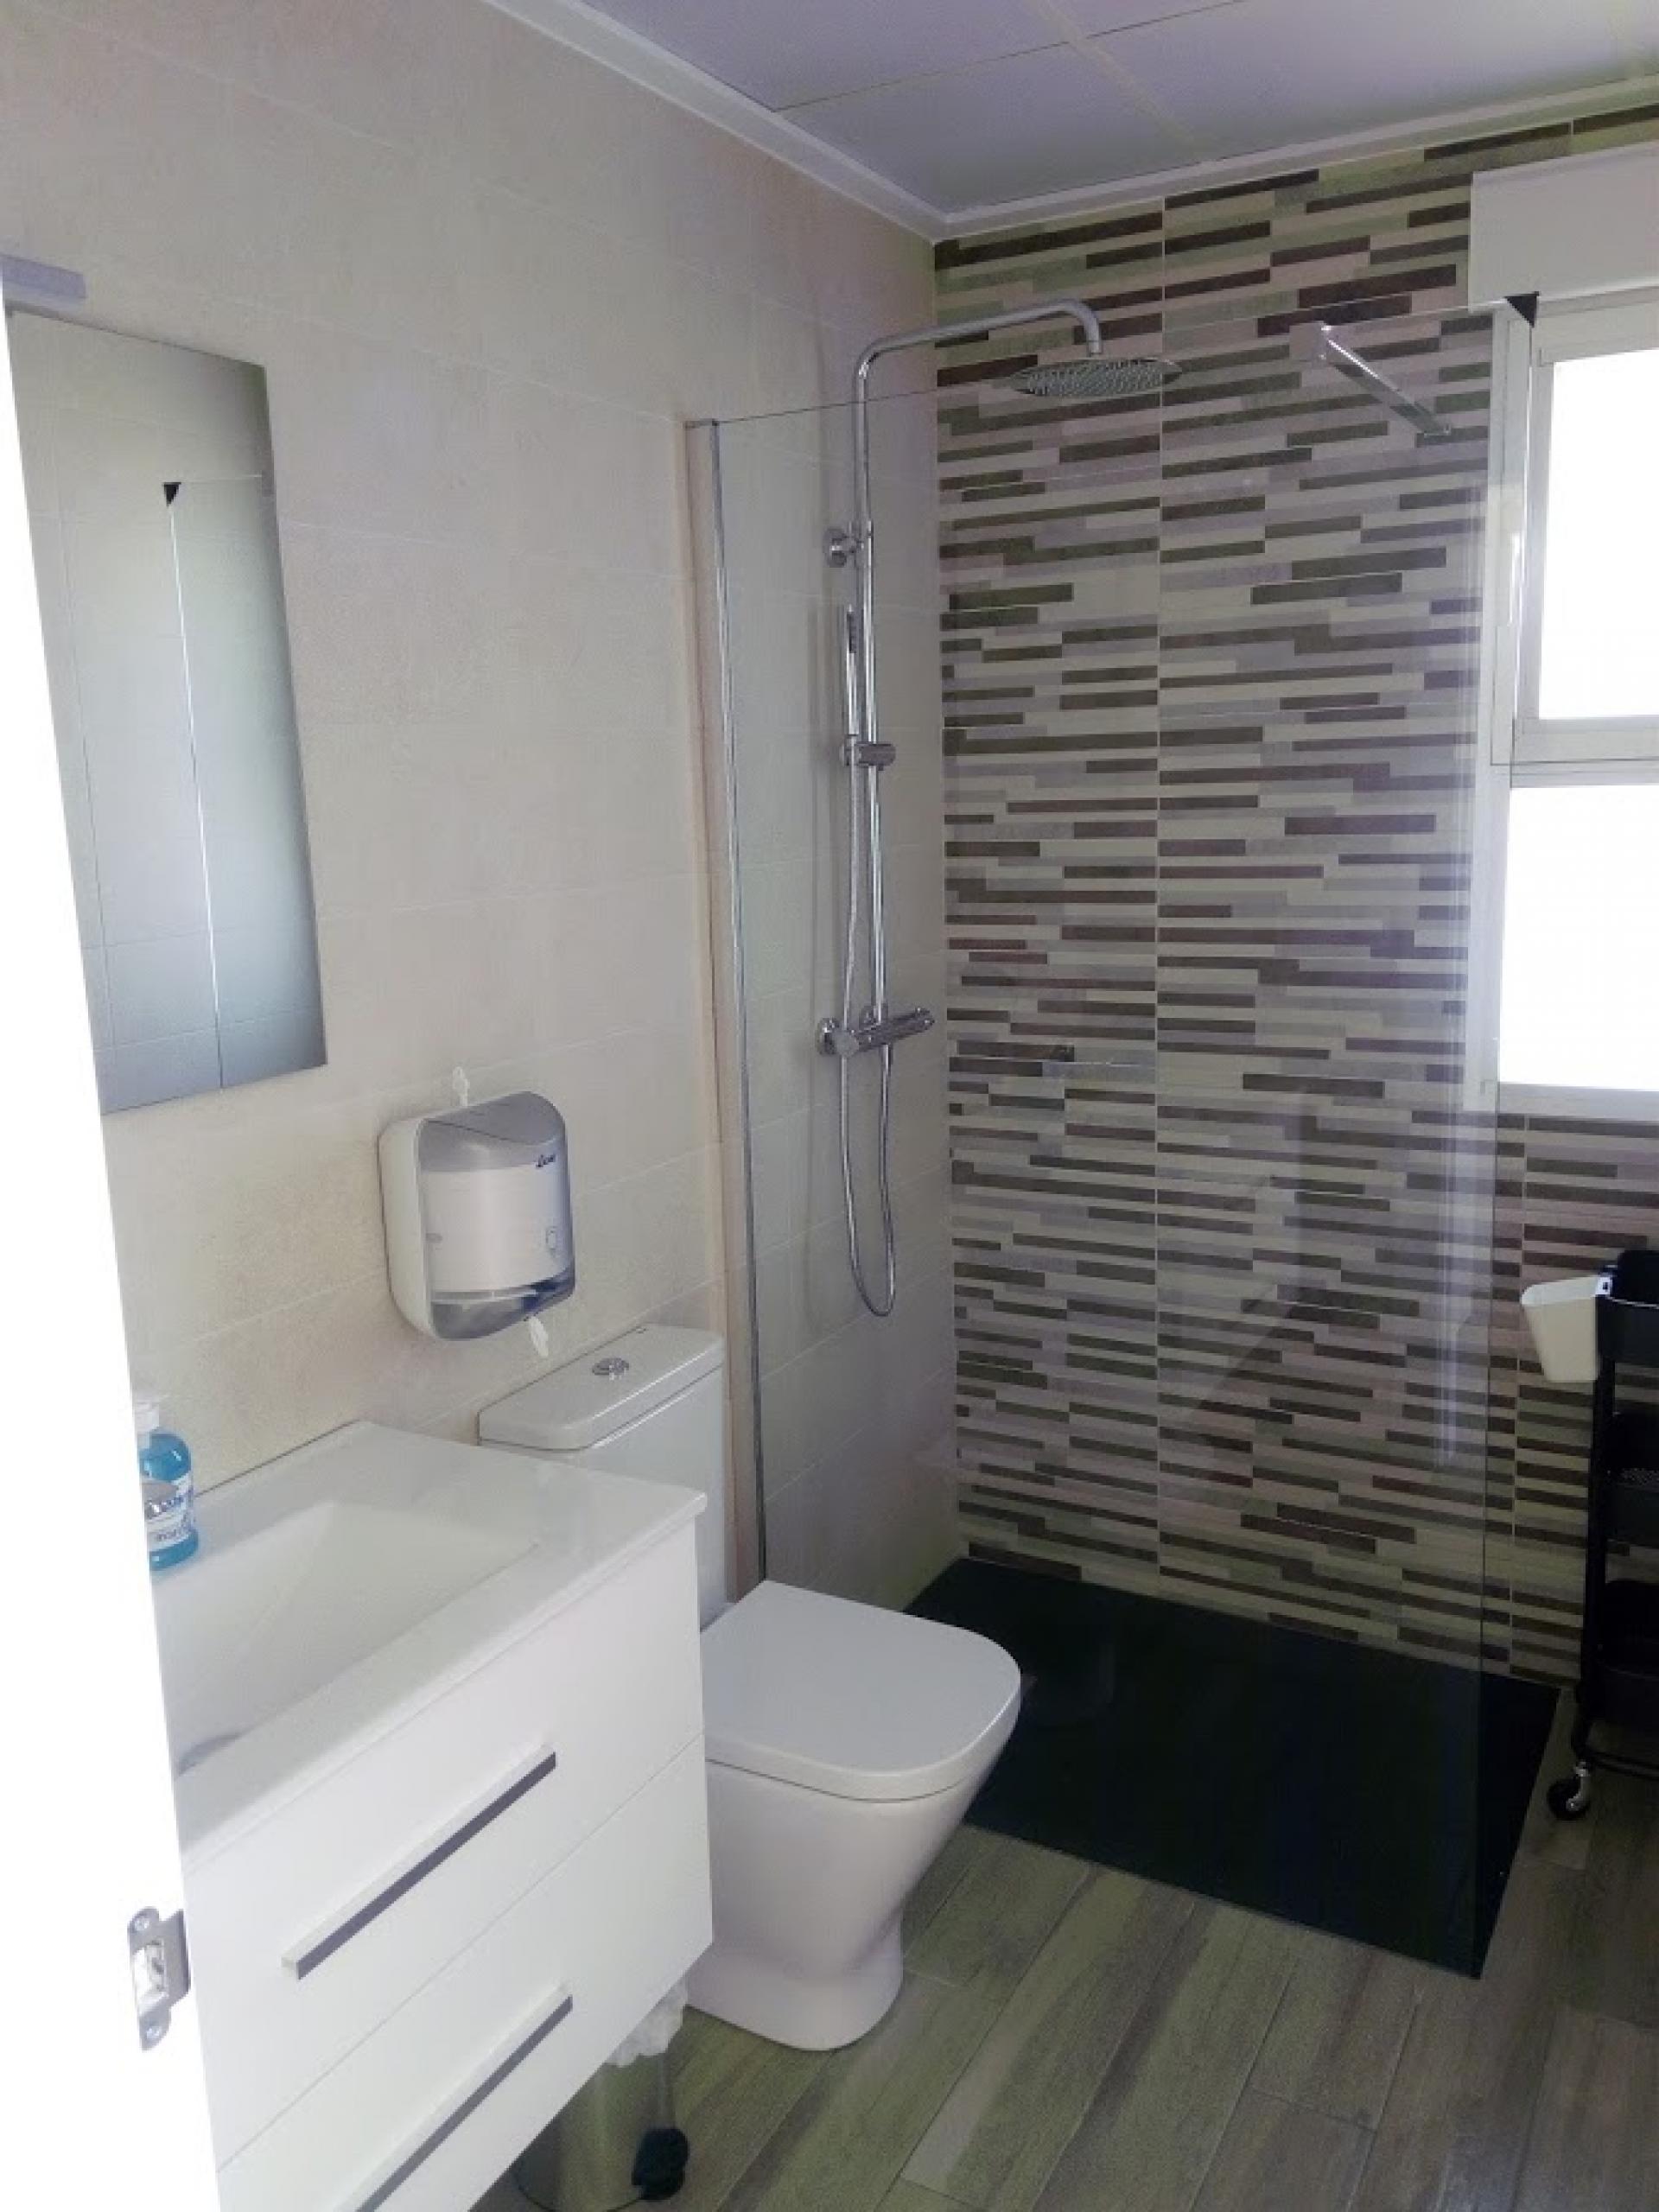 6 Slaapkamer Villa in Alicante - Nieuwbouw in Medvilla Spanje